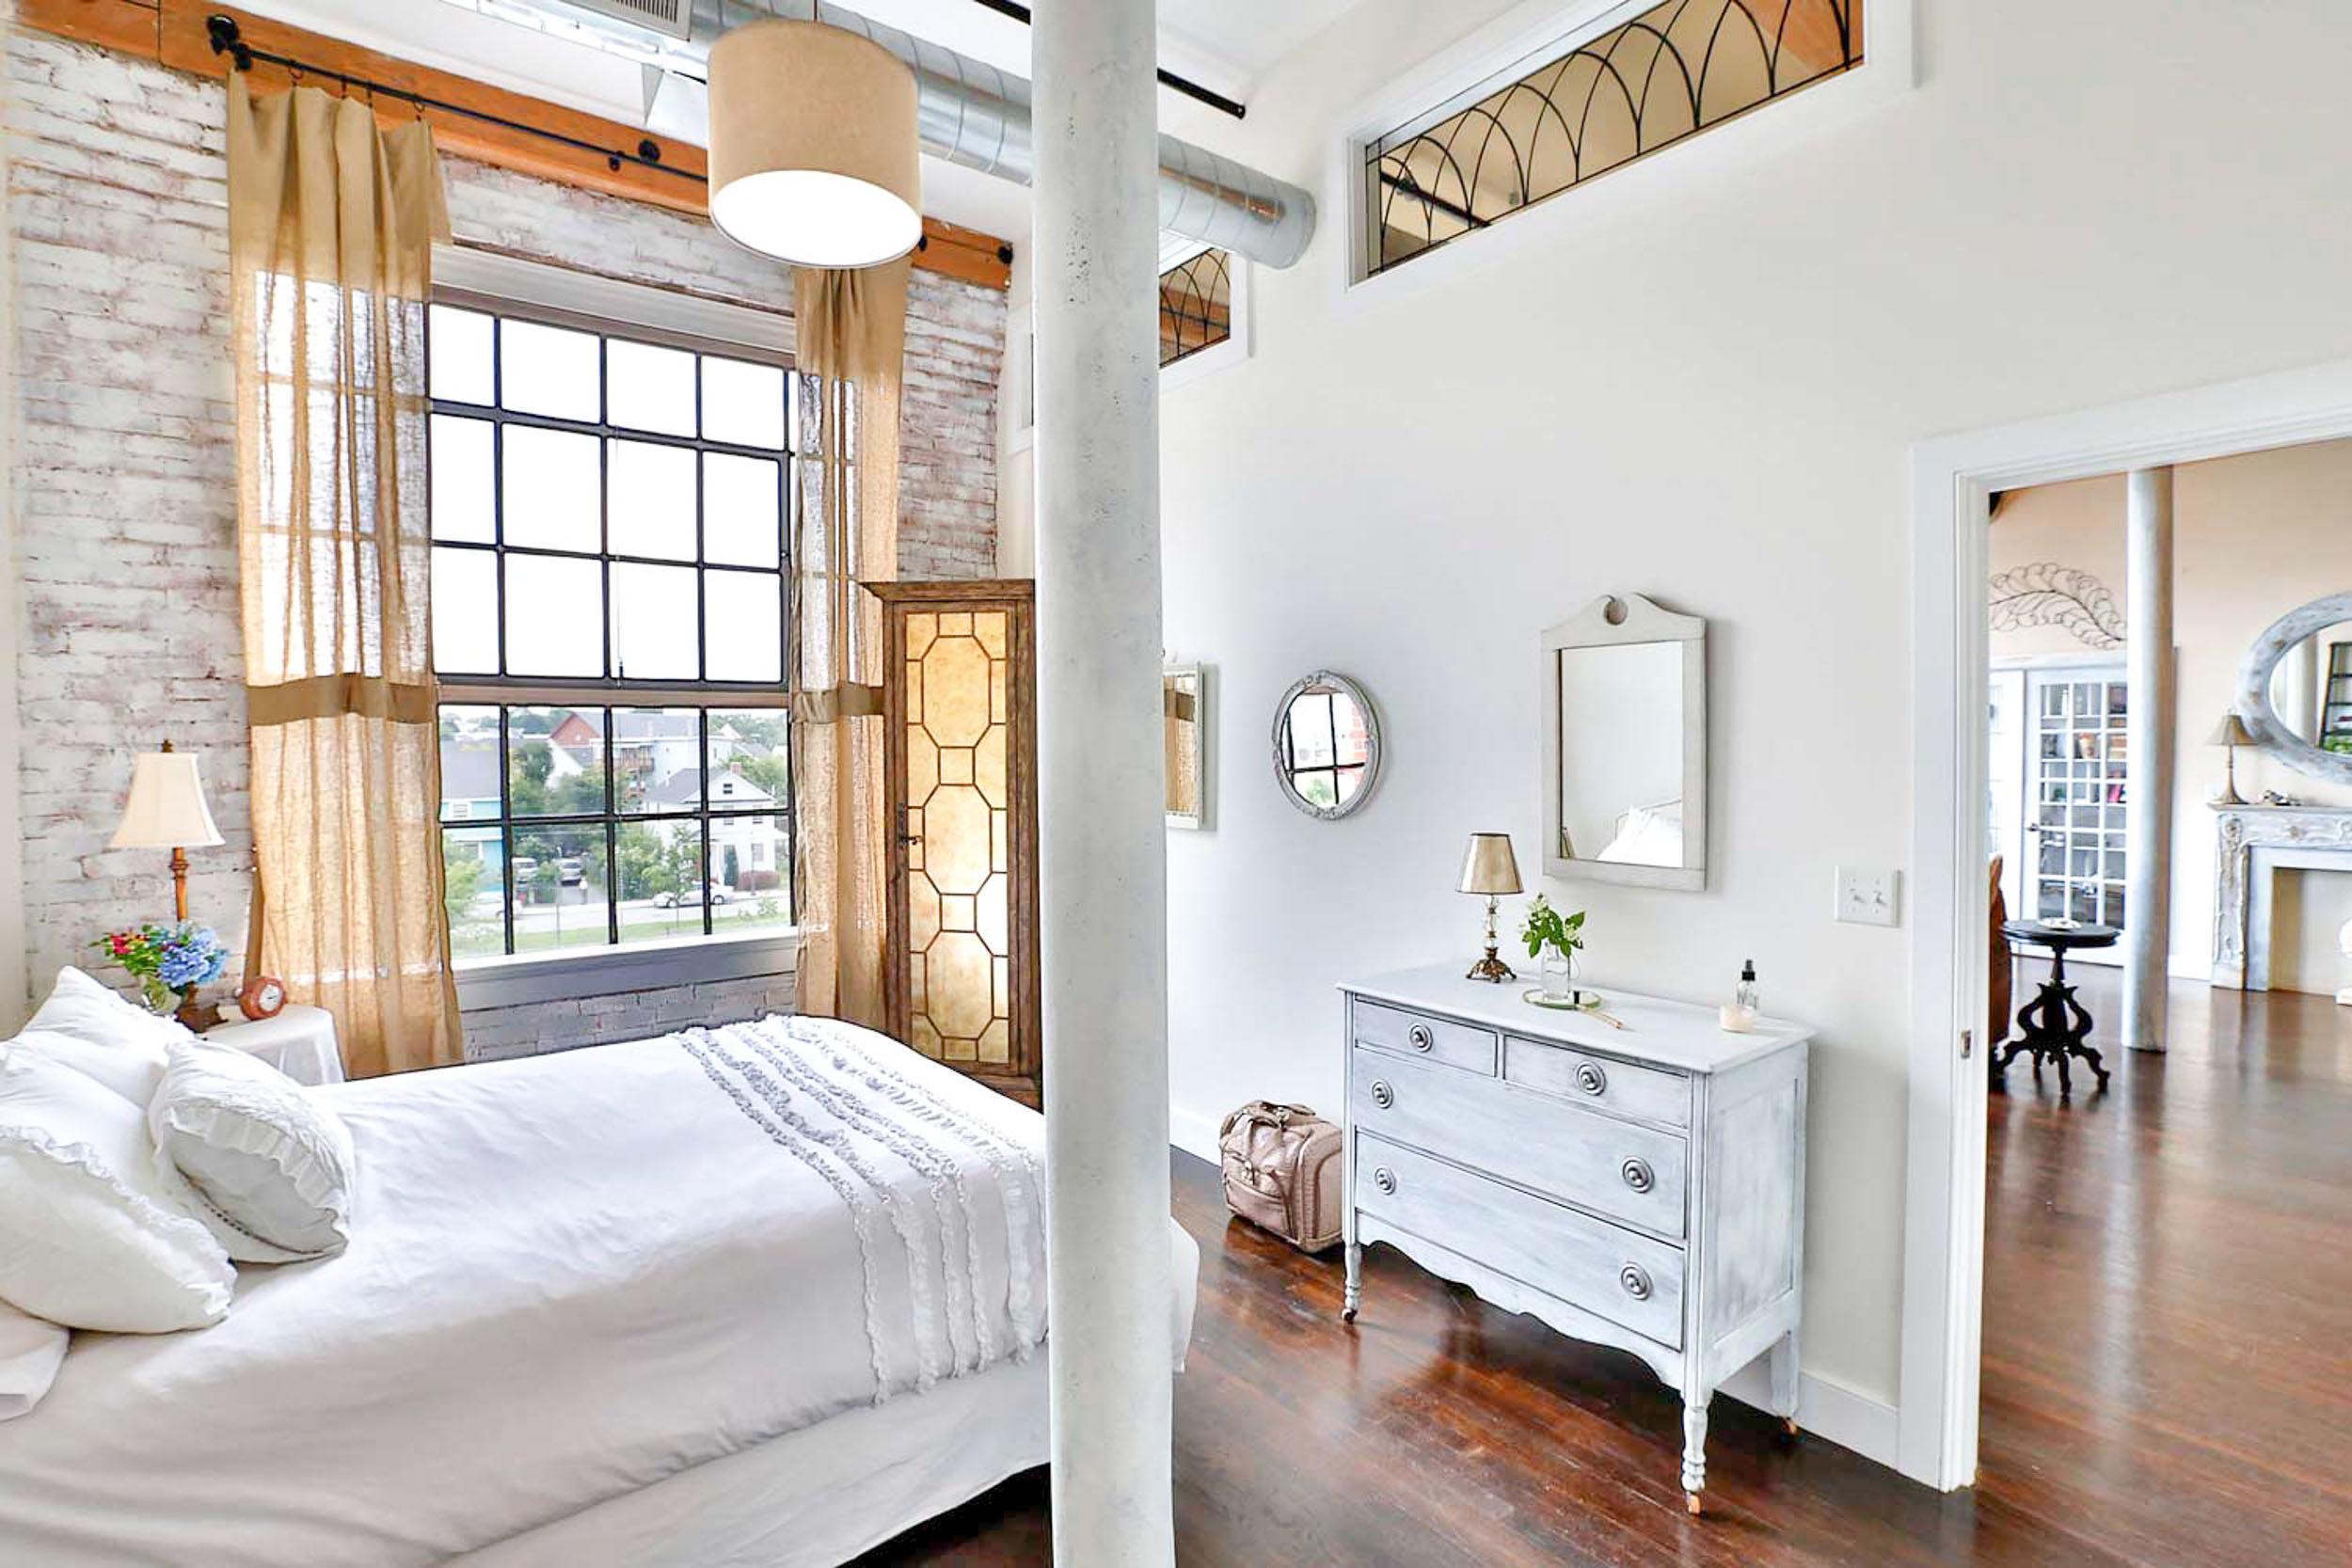 Residential loft space interior design.